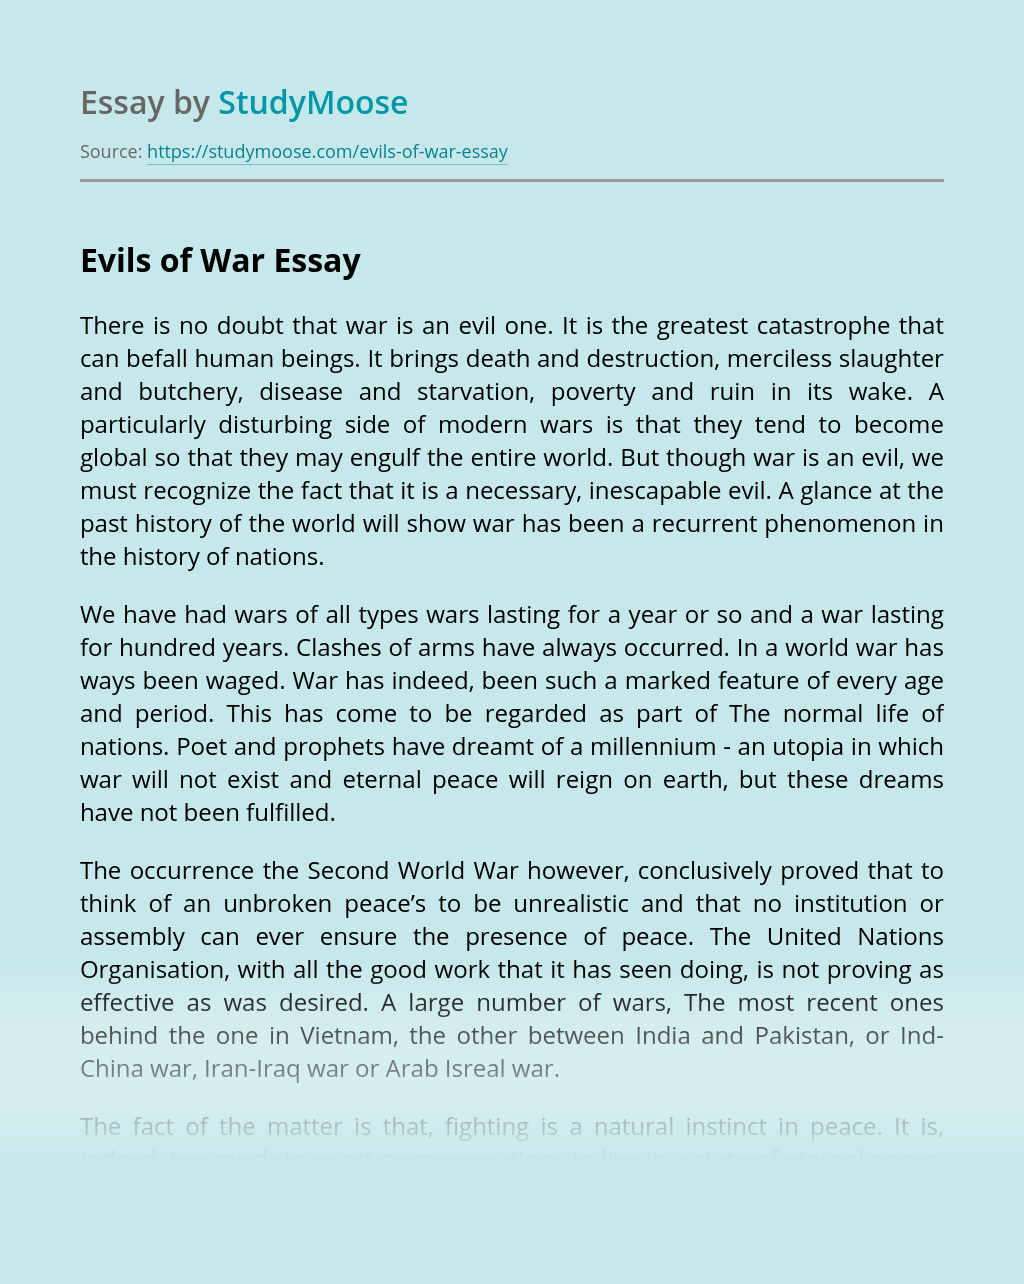 Evils of War